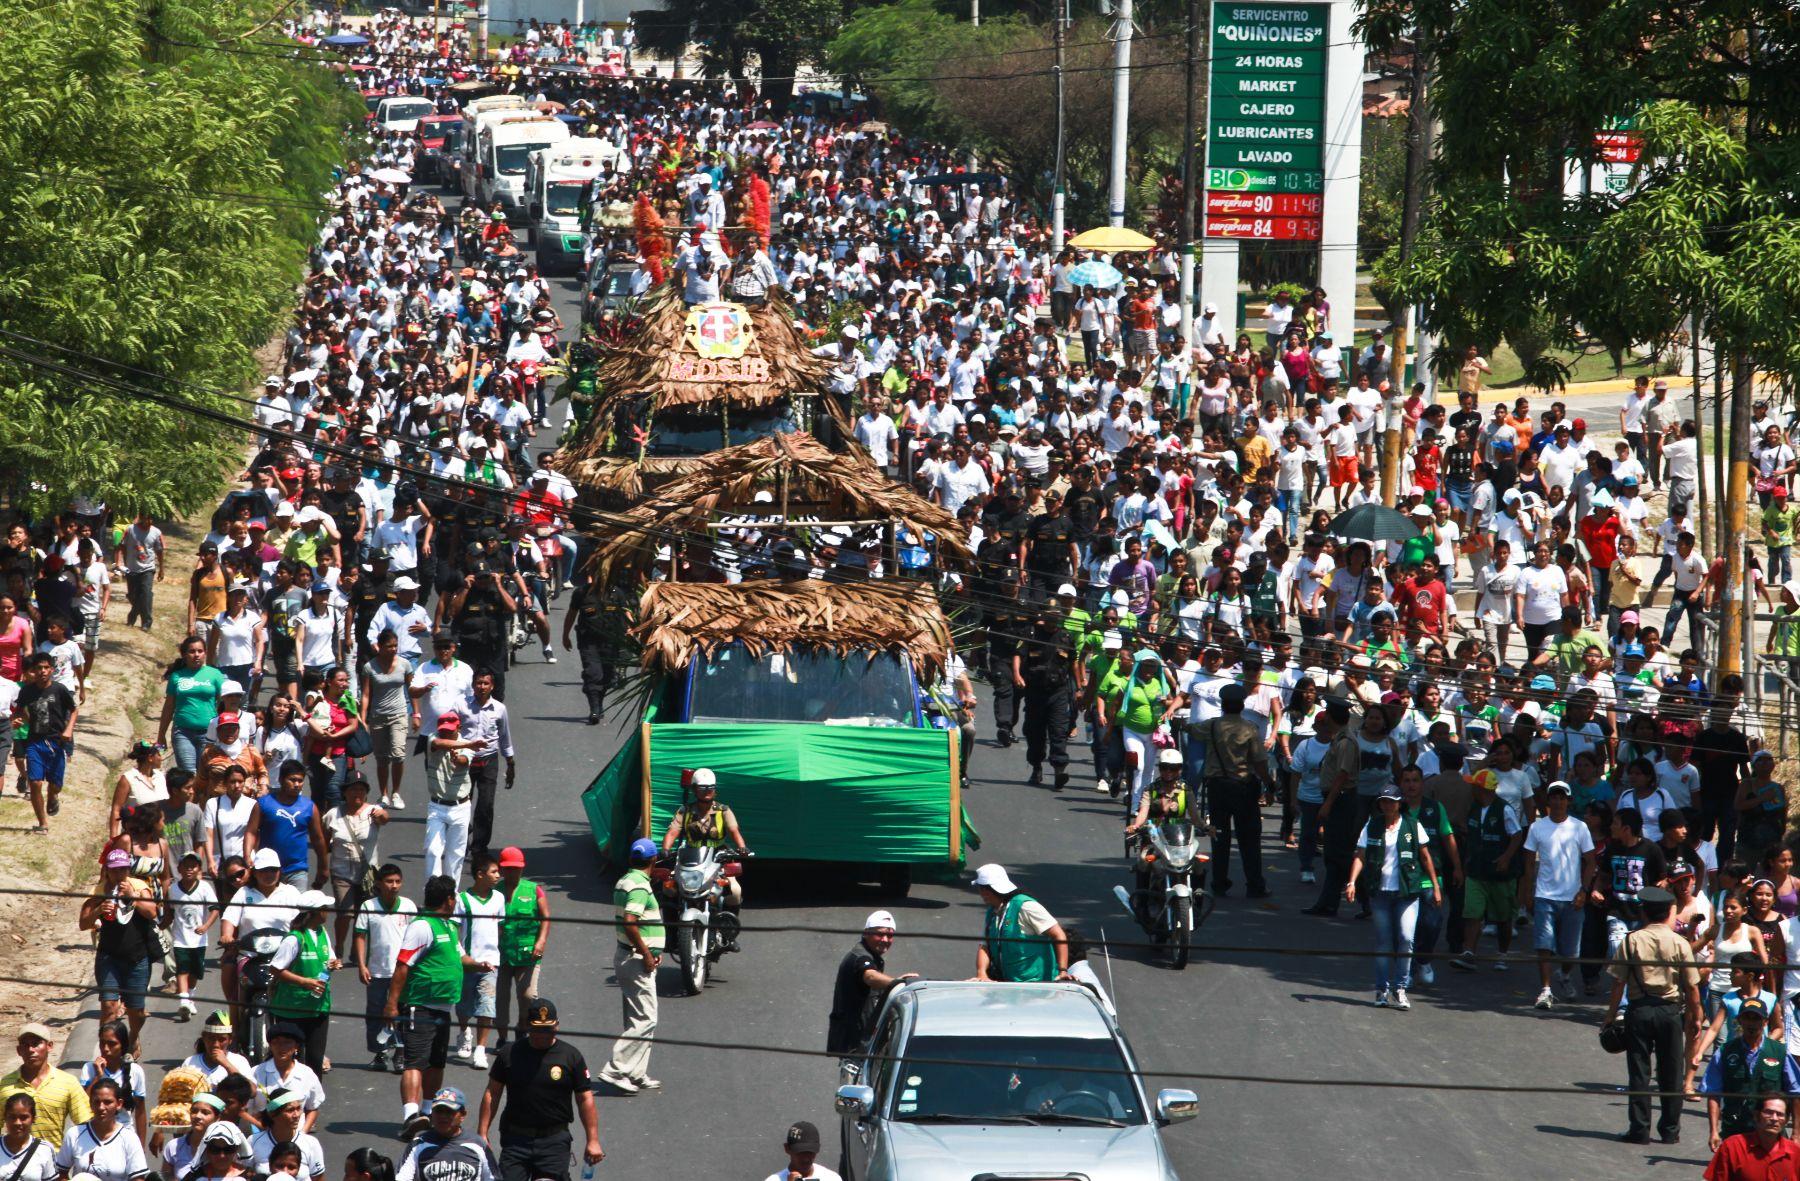 La población de Iquitos se volcó a las calles para dar la bienvenida a las delegaciones de las maravillas naturales del mundo quienes asistirán al reconocimiento del río Amazonas. Foto: Gobierno Regional de Loreto